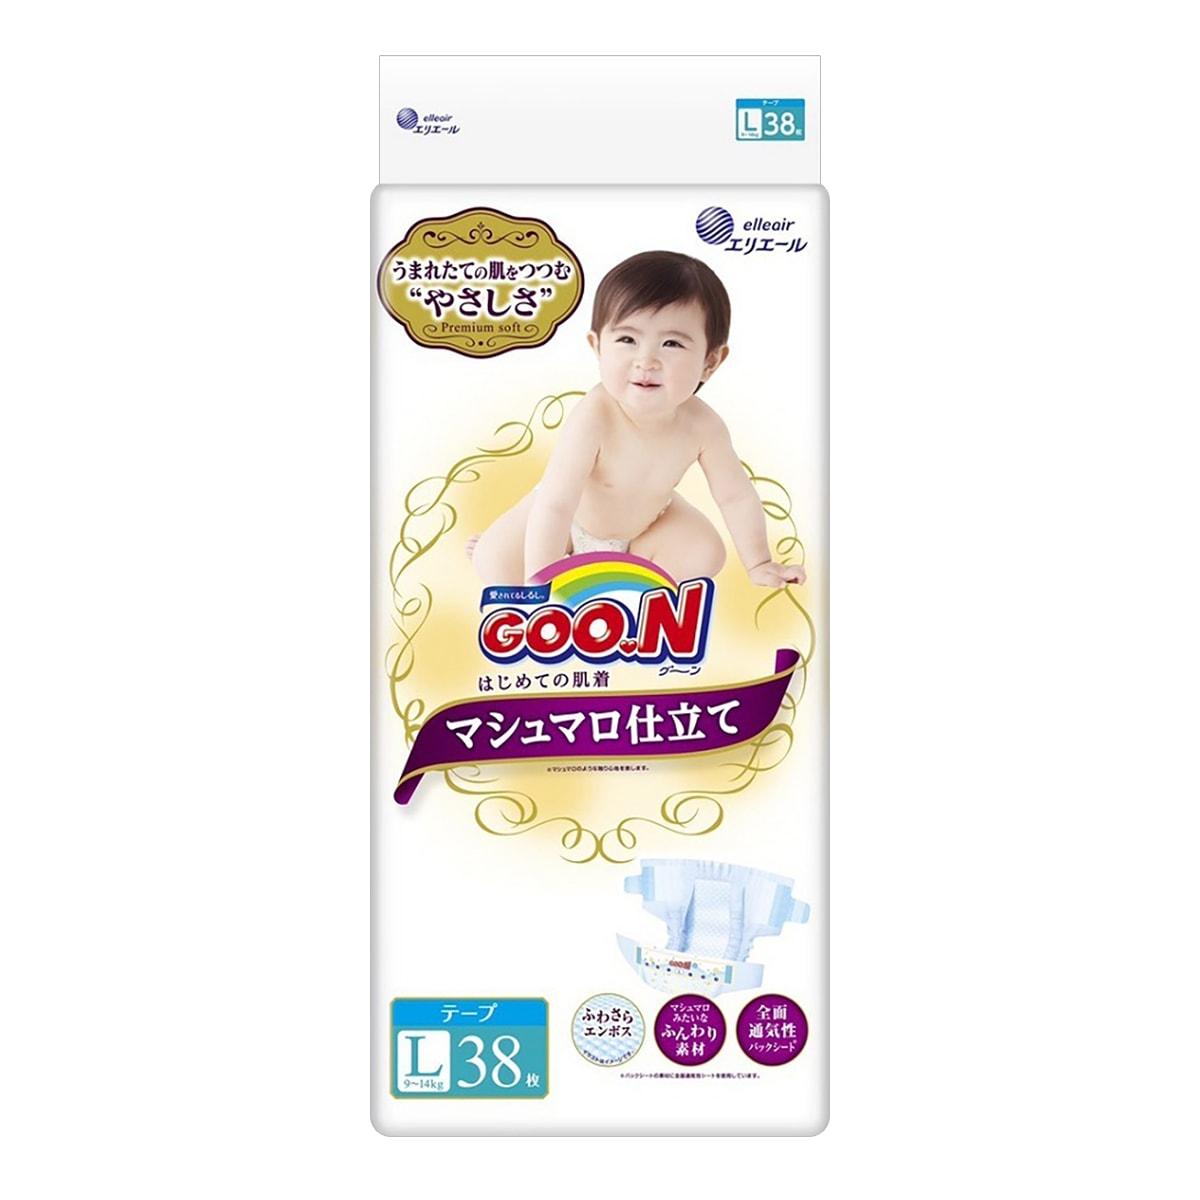 日本GOO.N大王 PREMIUM SOFT天使系列 纸尿裤 #L 9~14kg (22-37lb) 38枚入 怎么样 - 亚米网